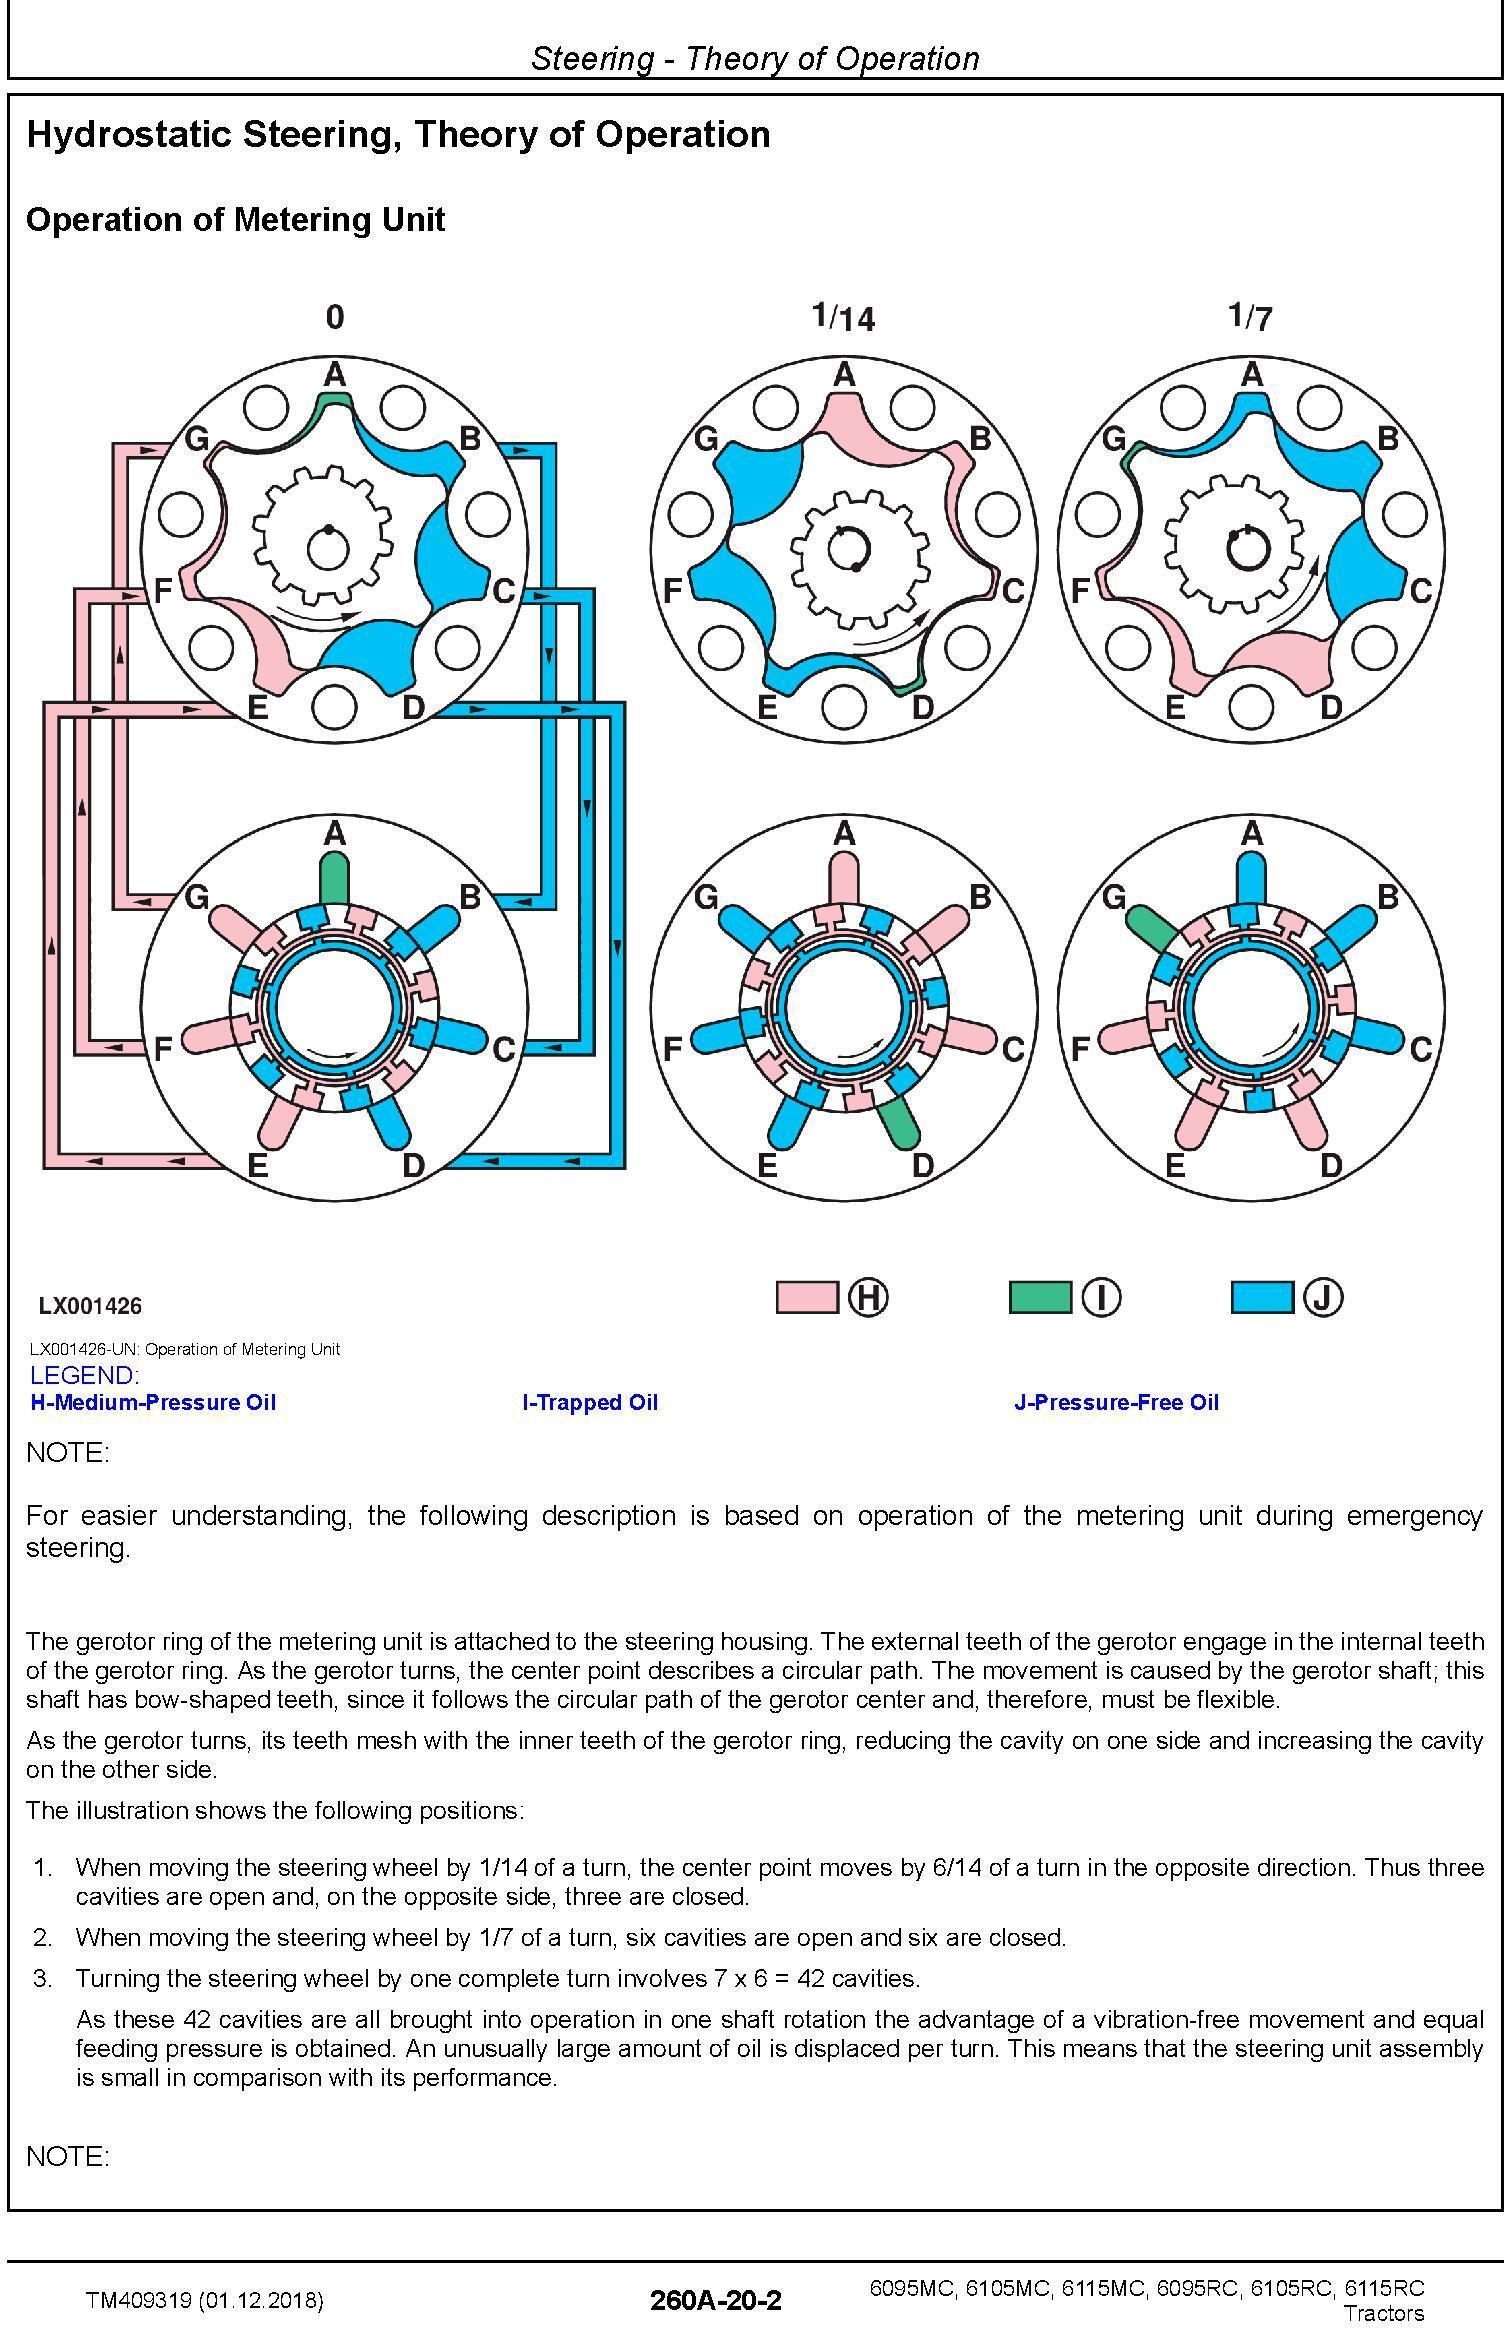 John Deere 6095MC 6105MC 6115MC 6095RC 6105RC 6115RC Tractors MY2016-17 Diagnostic Manual (TM409319) - 3